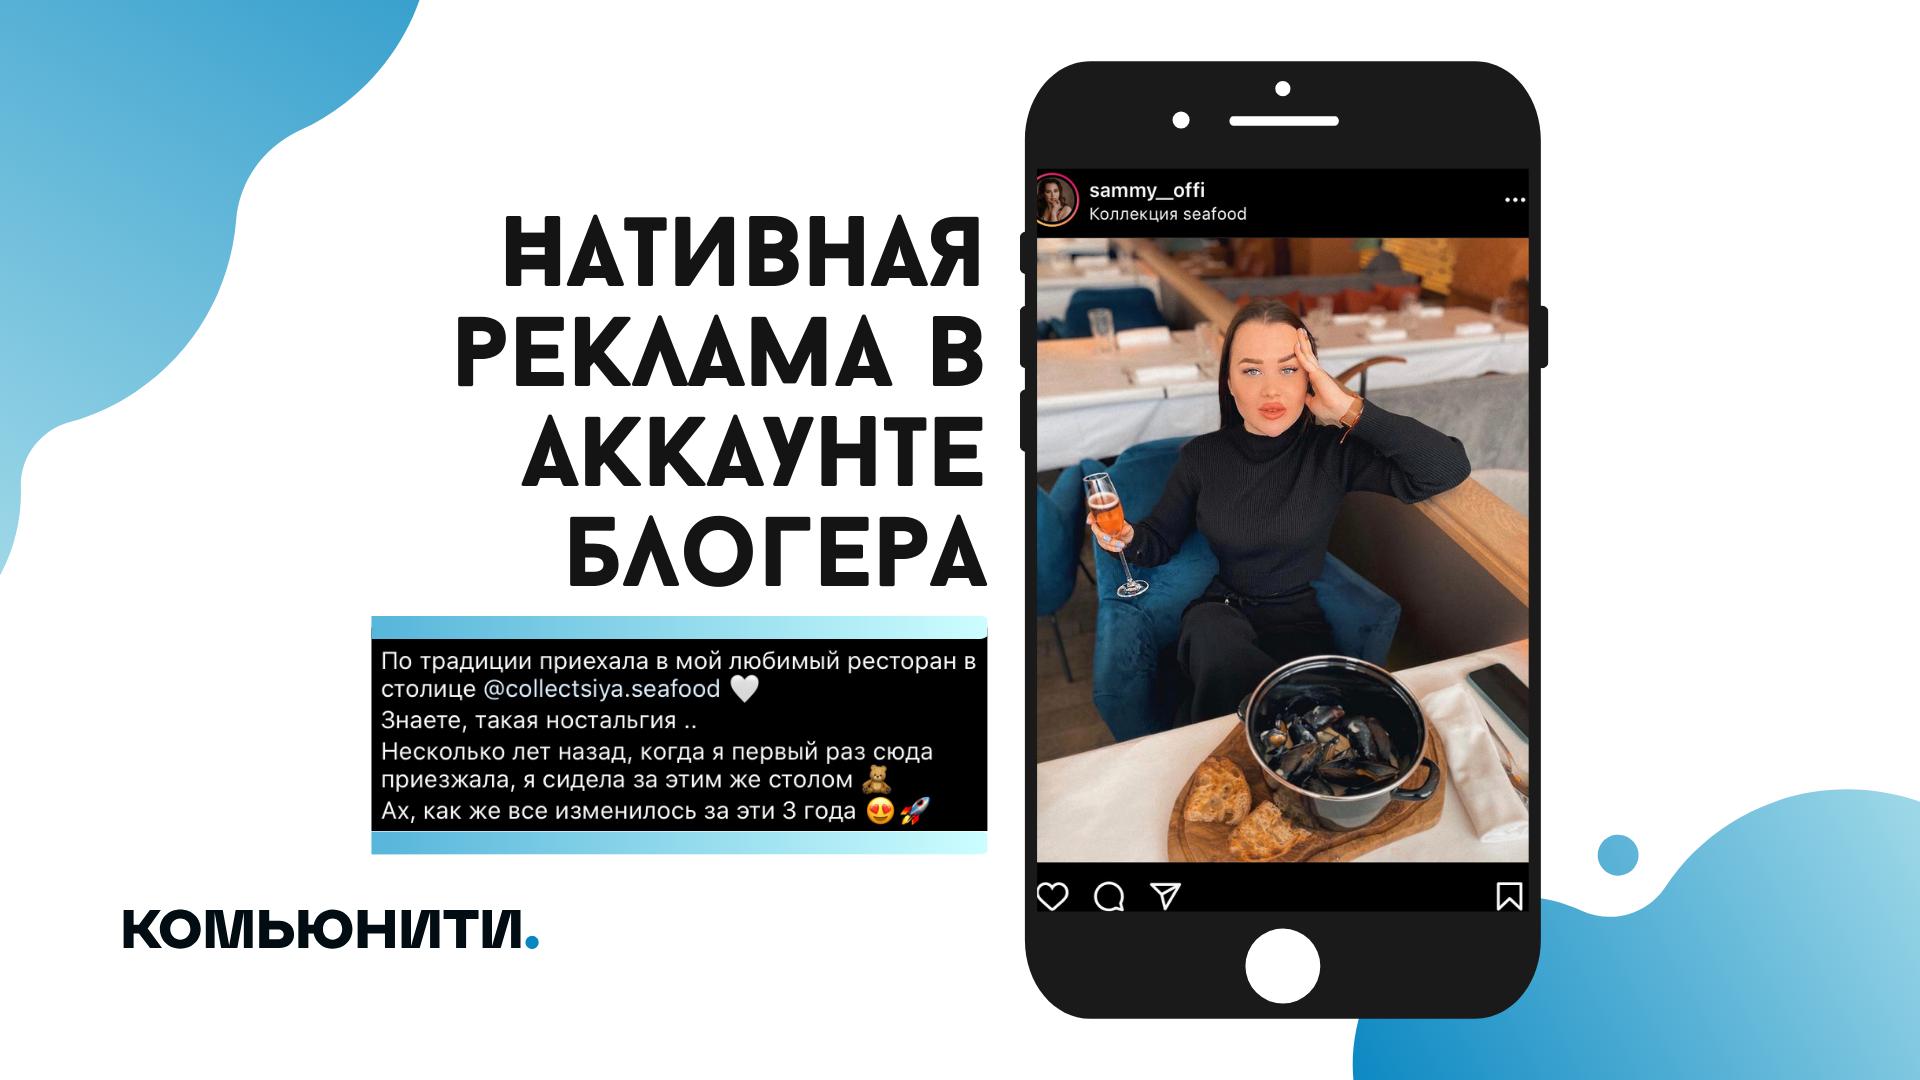 Нативная реклама в инстаграме